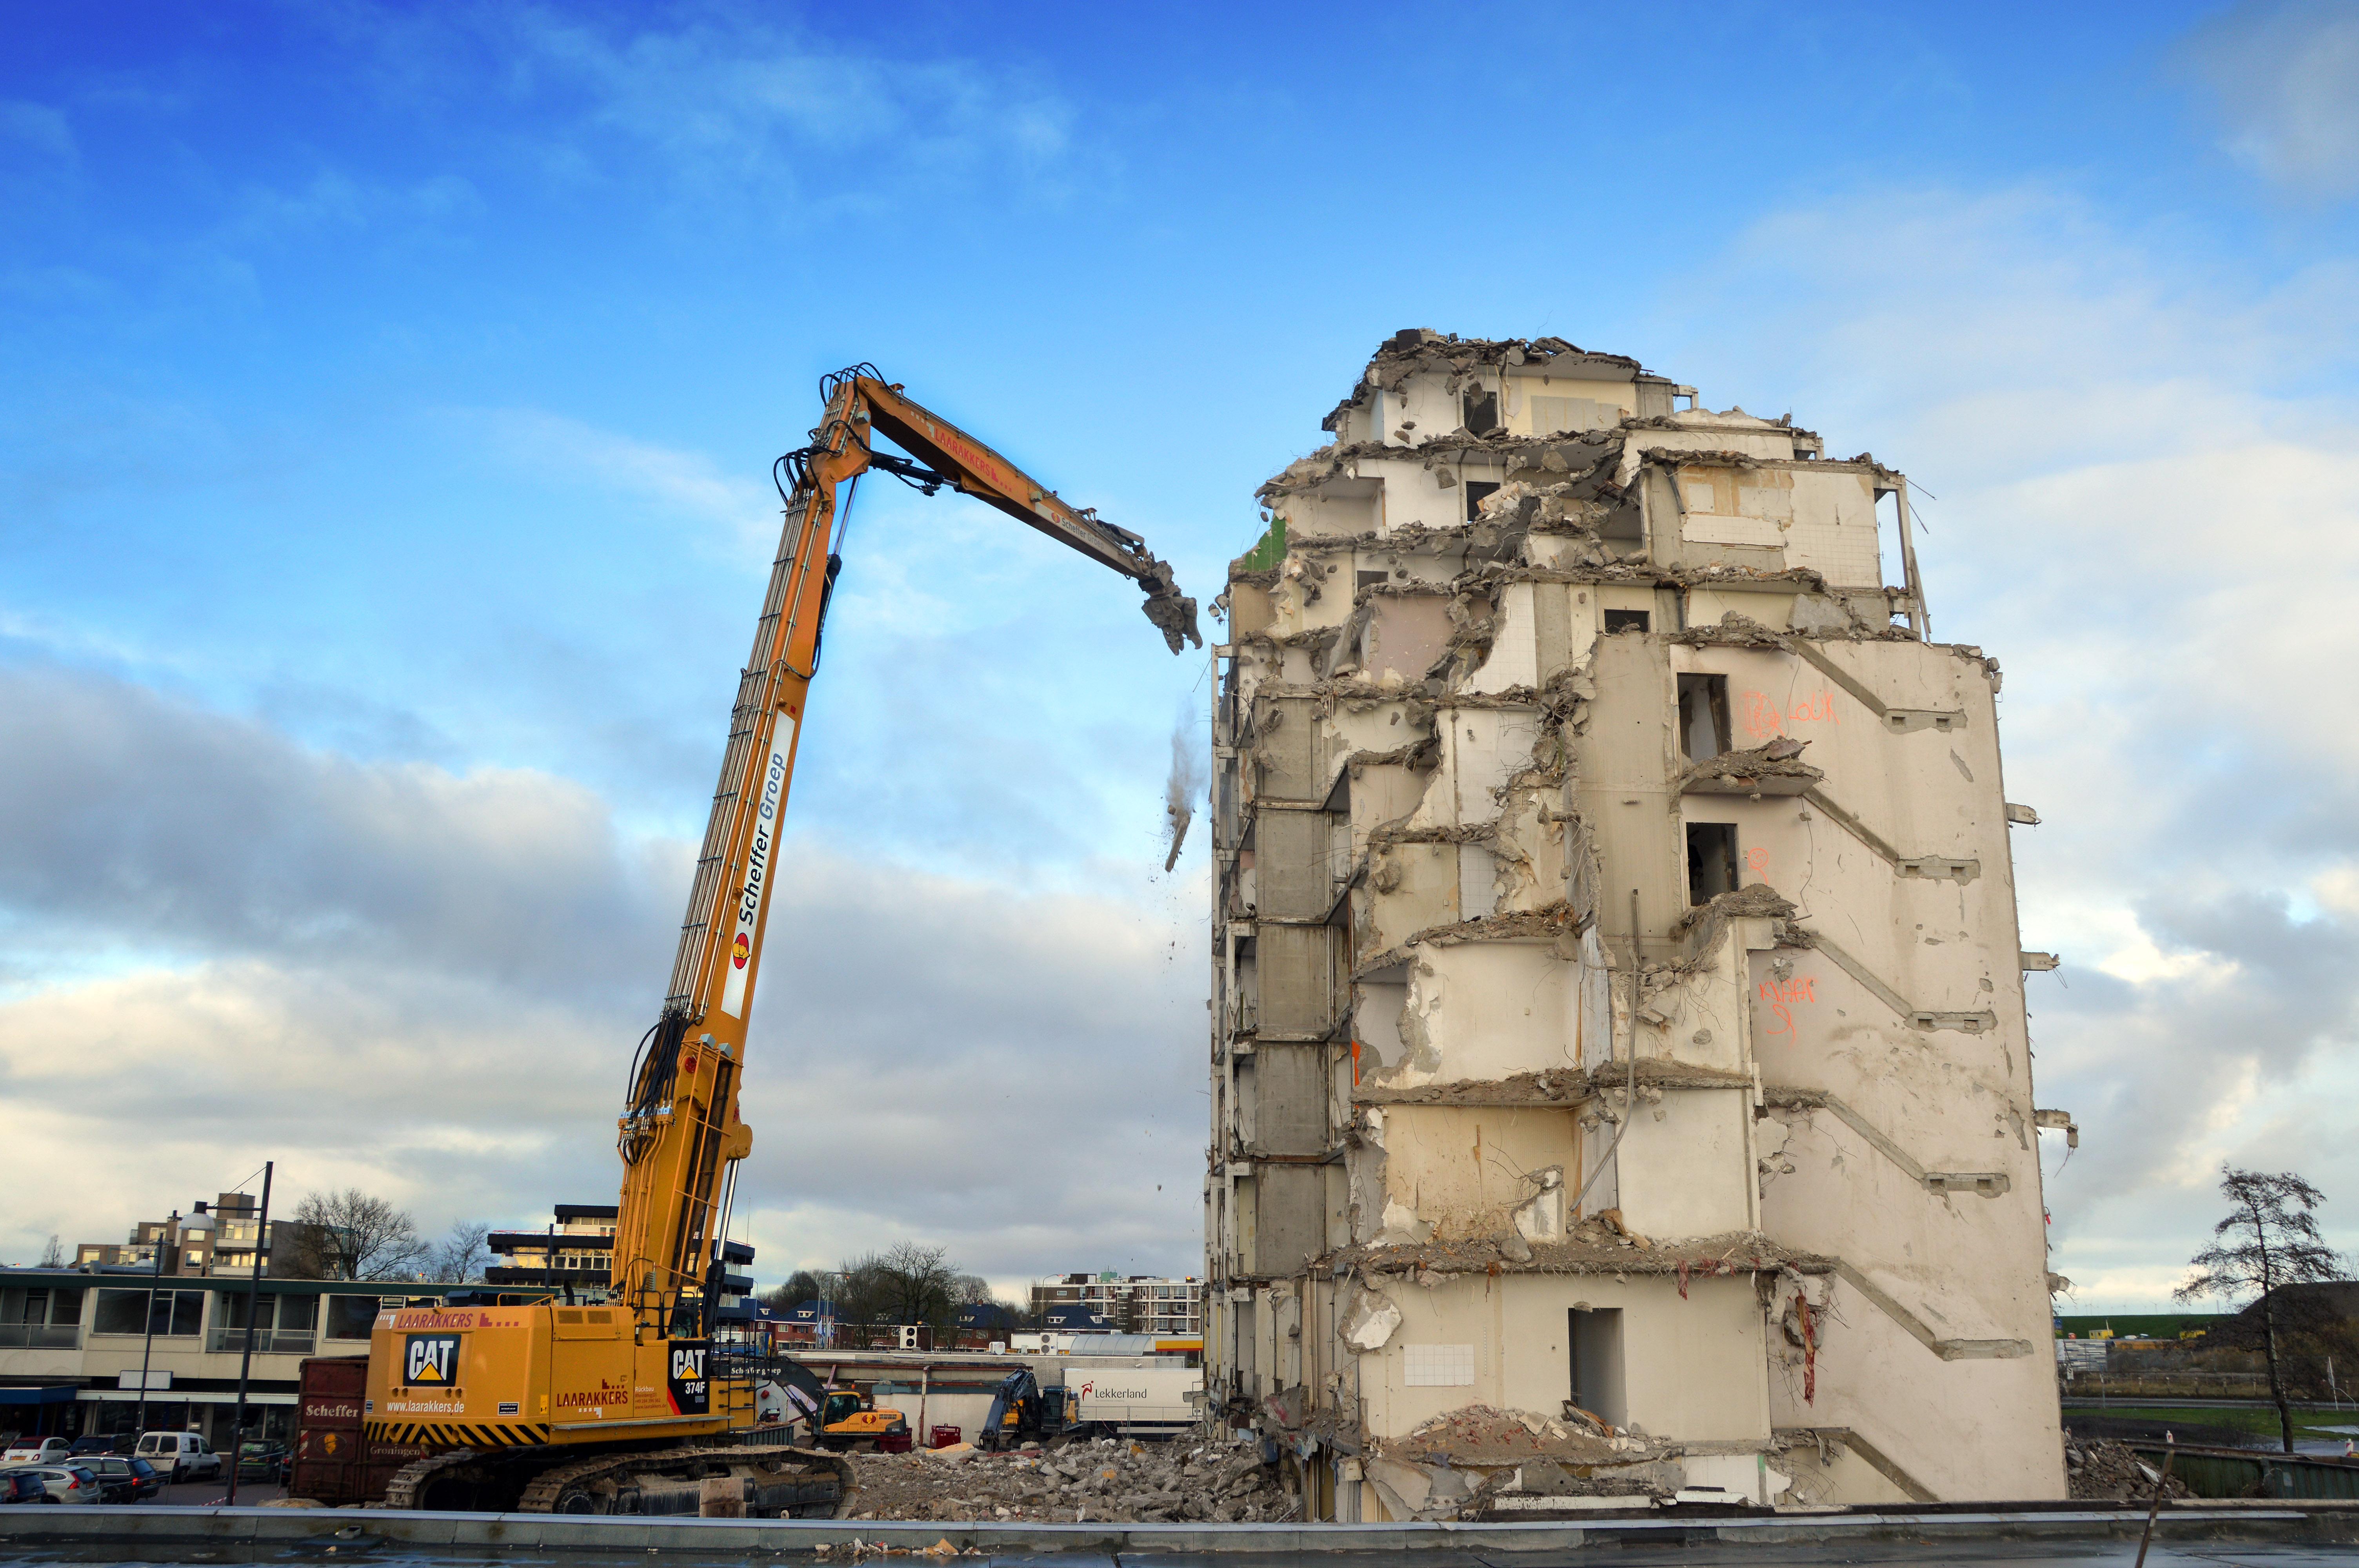 <p>De 36 meter lange giek van de Caterpillar hapte het gebouw probleemloos stukje bij beetje weg. Alleen gooide de harde zeewind regelmatig roet in het eten.</p>